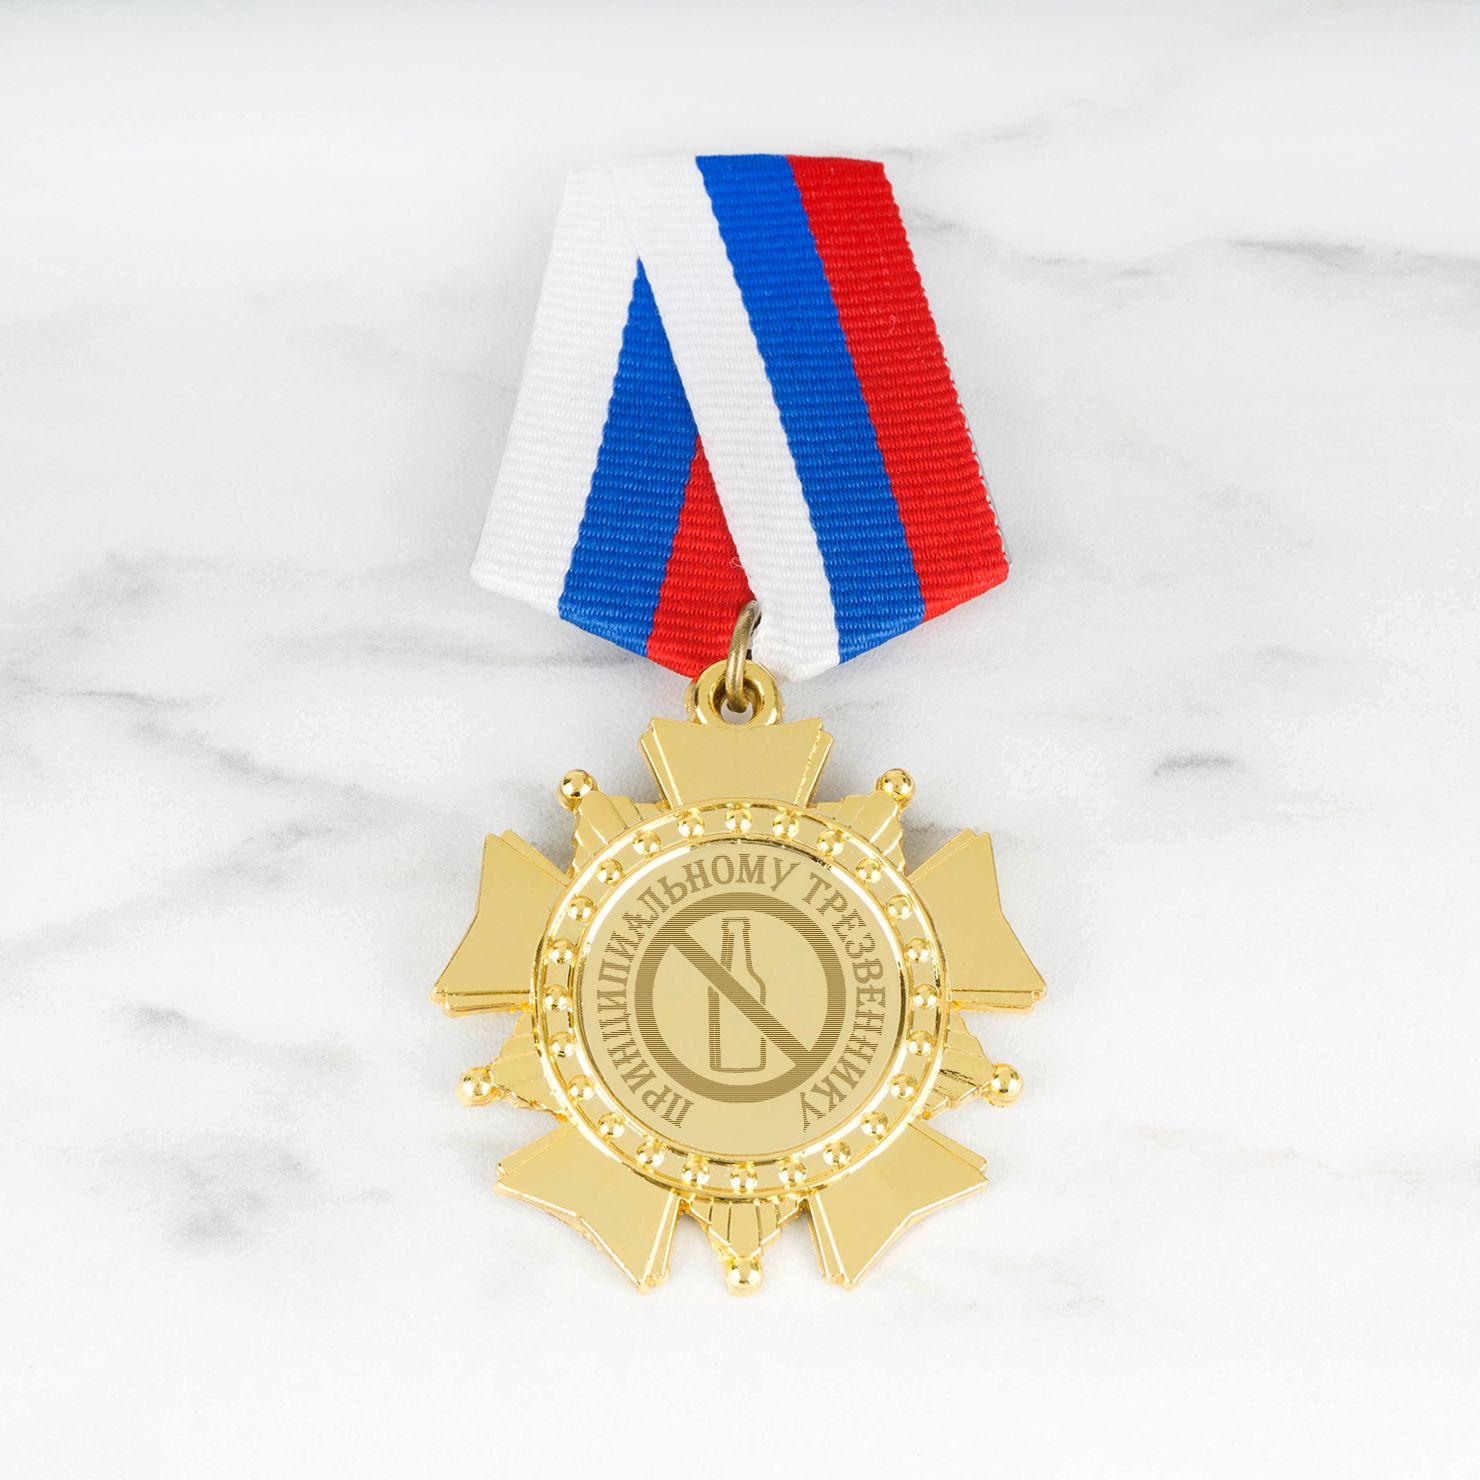 Орден *Принципиальному трезвеннику*